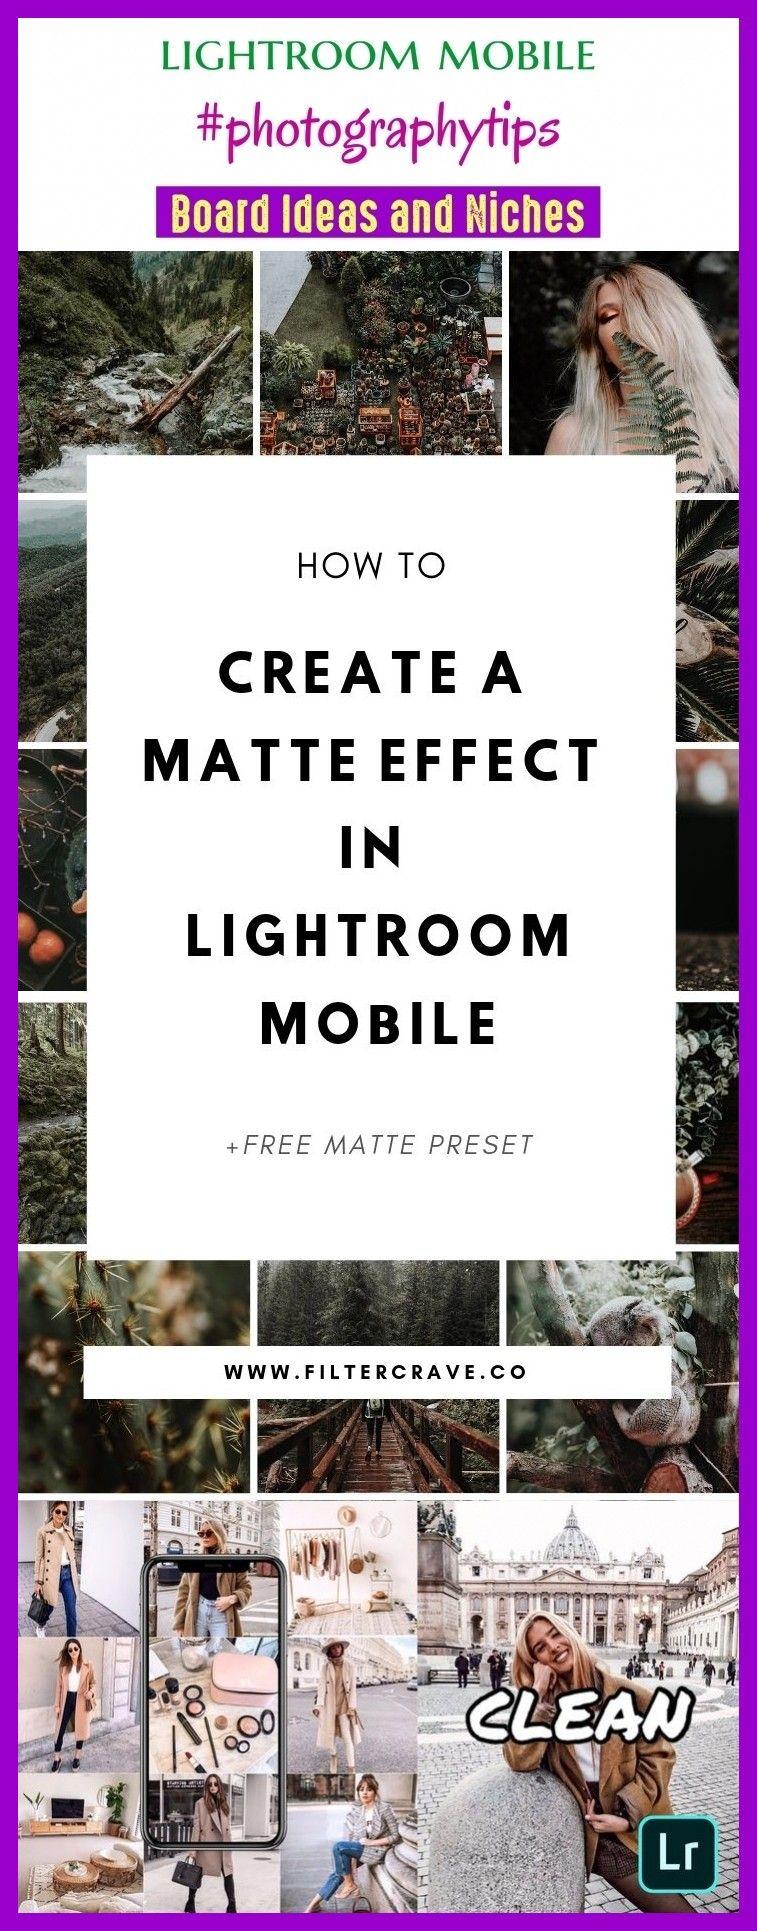 Lightroom mobile keywords